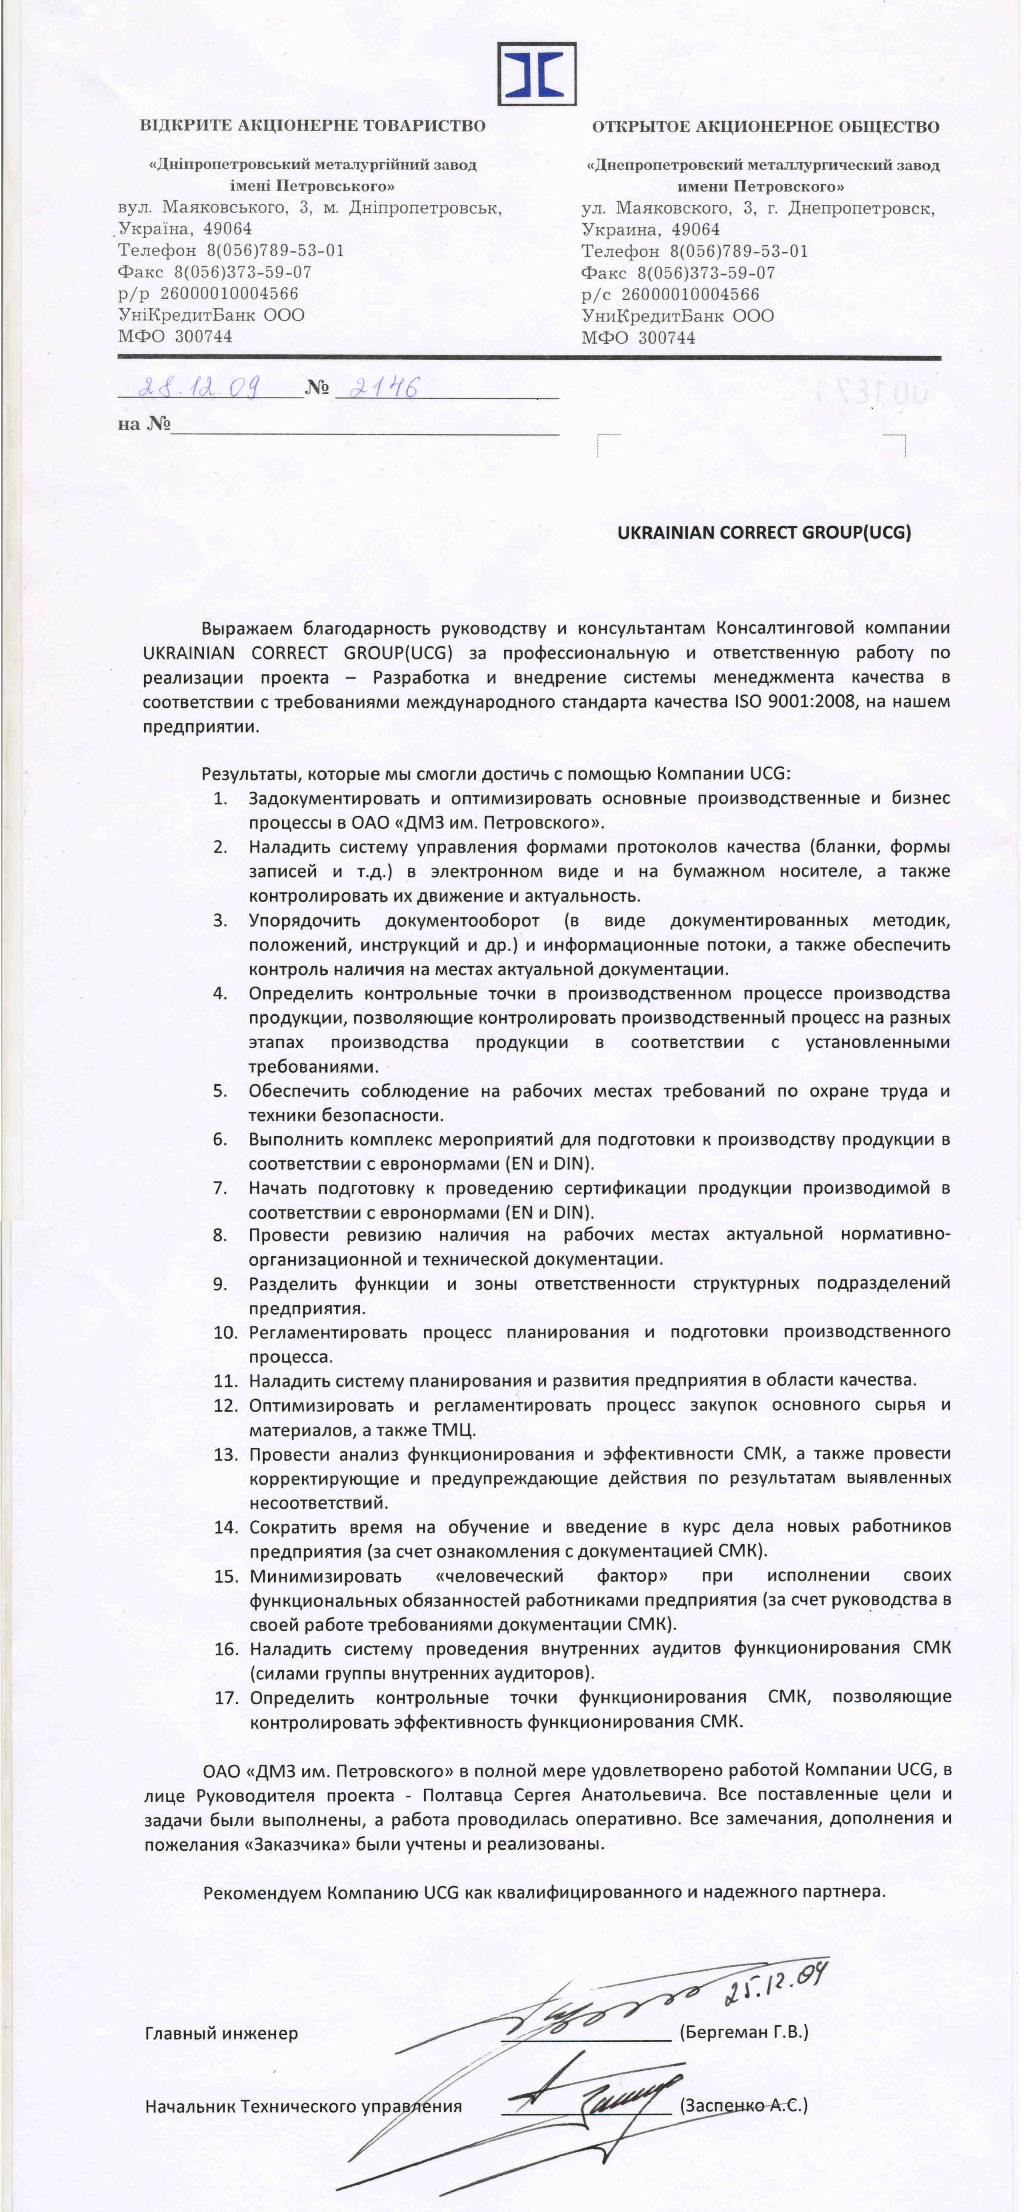 Рекомендация ЕВРАЗ-Украина завод им. Петровского